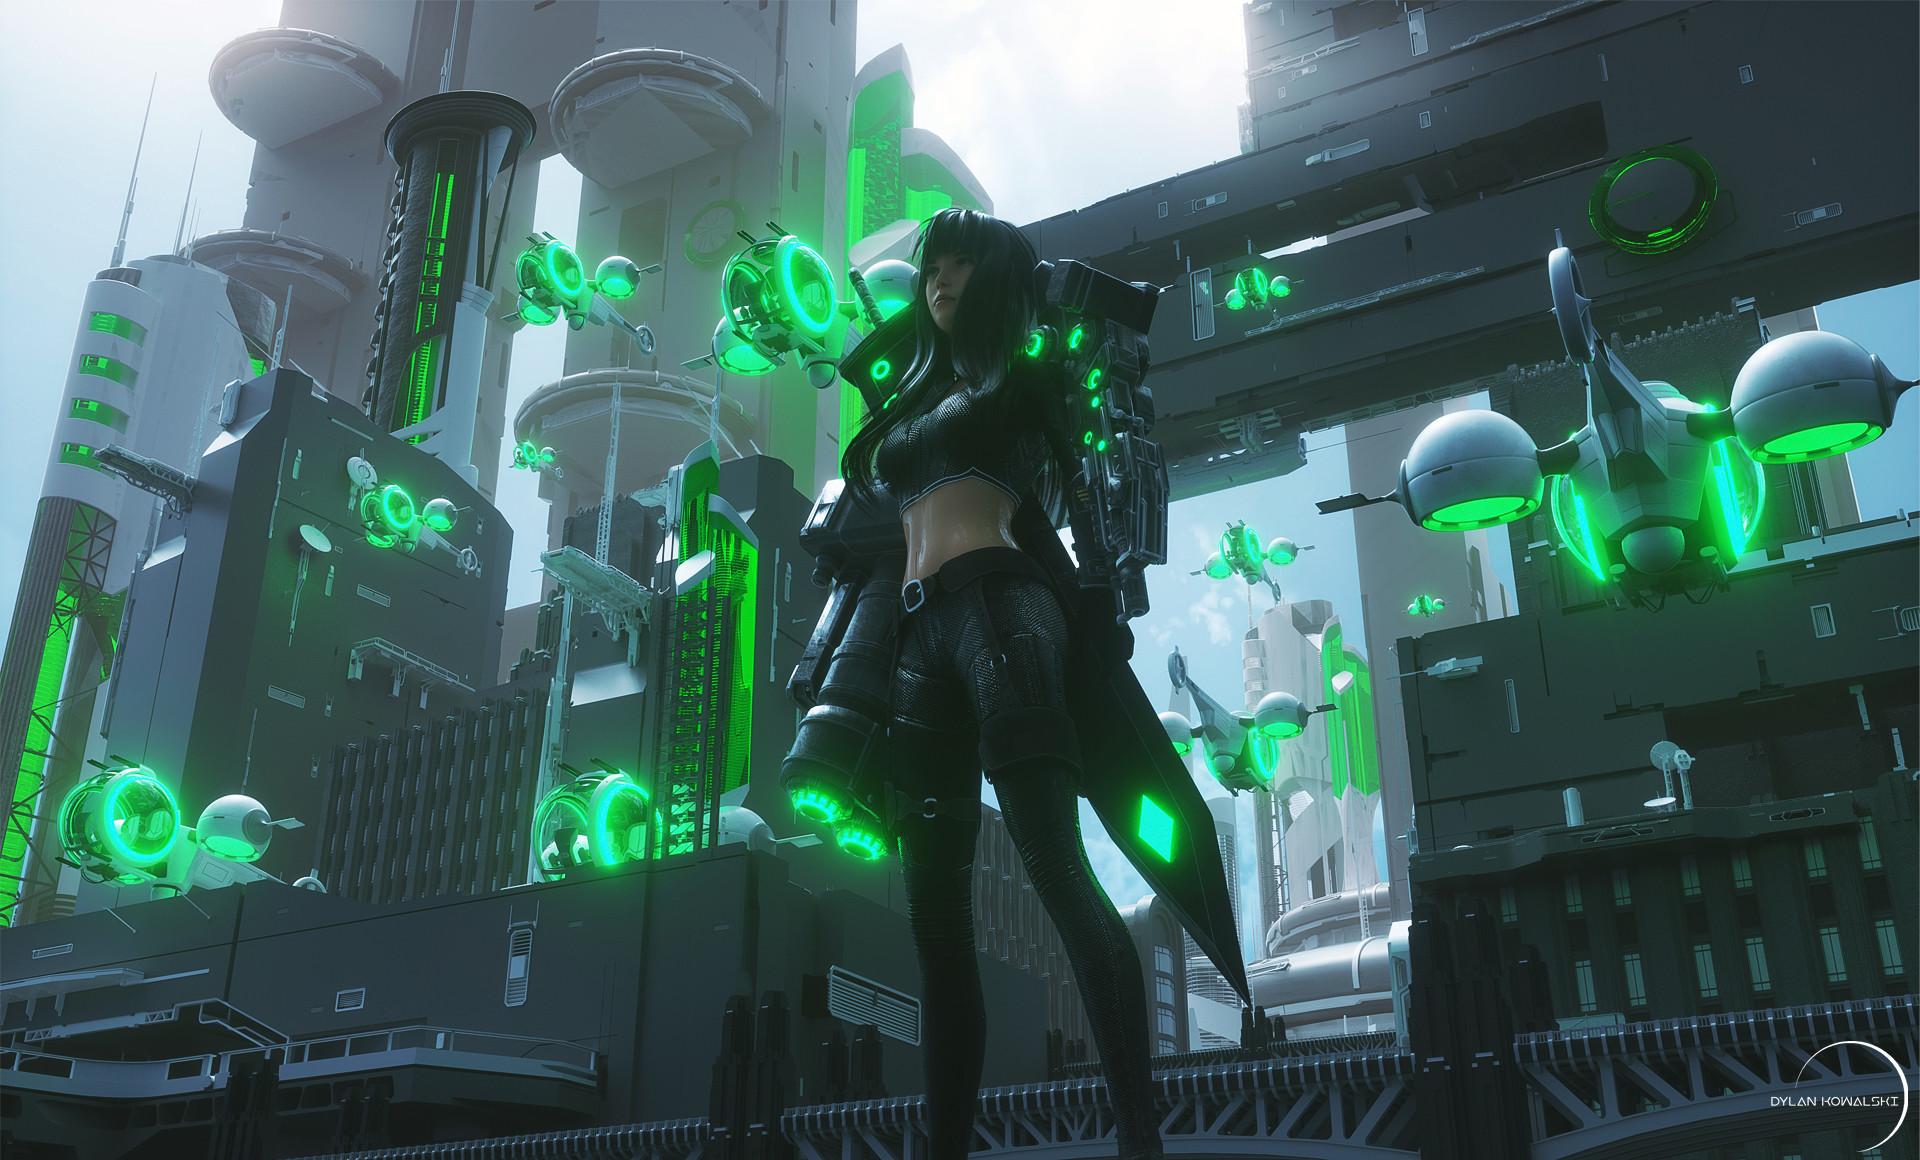 Cyberpunk Wallpaper Girl Cyber City Girl Hd Artist 4k Wallpapers Images